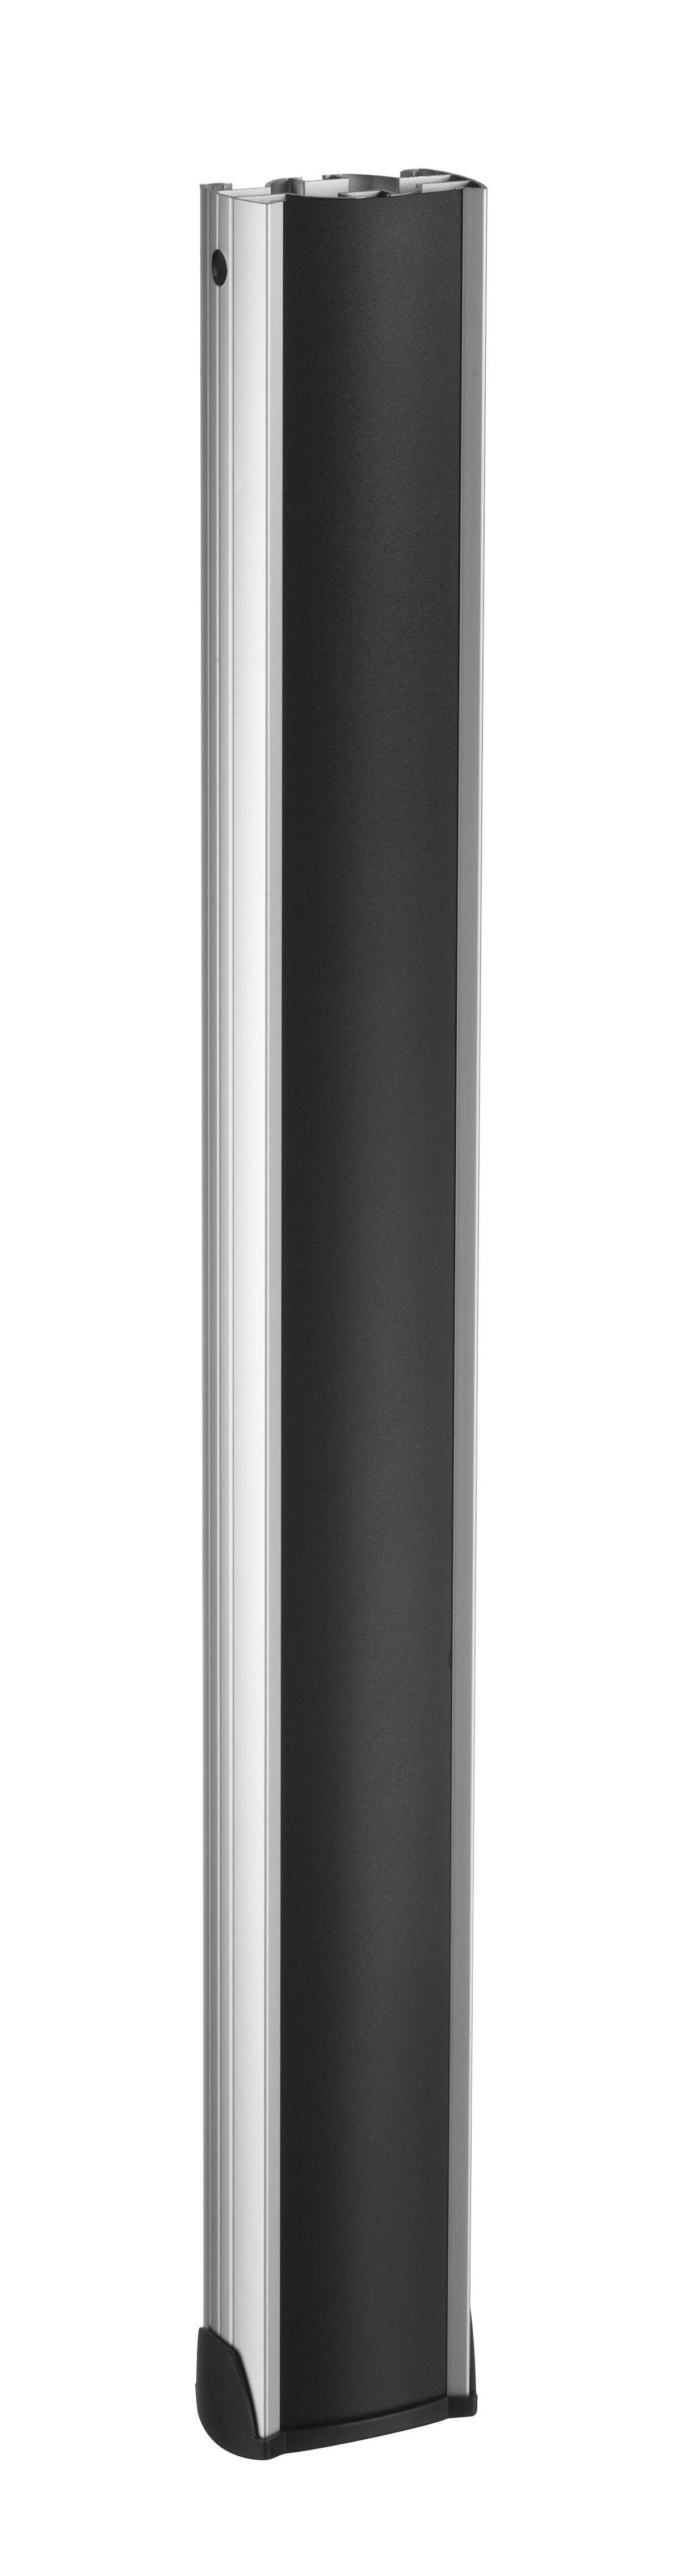 Vogel's PUC 2530S Buis 300 cm - Product